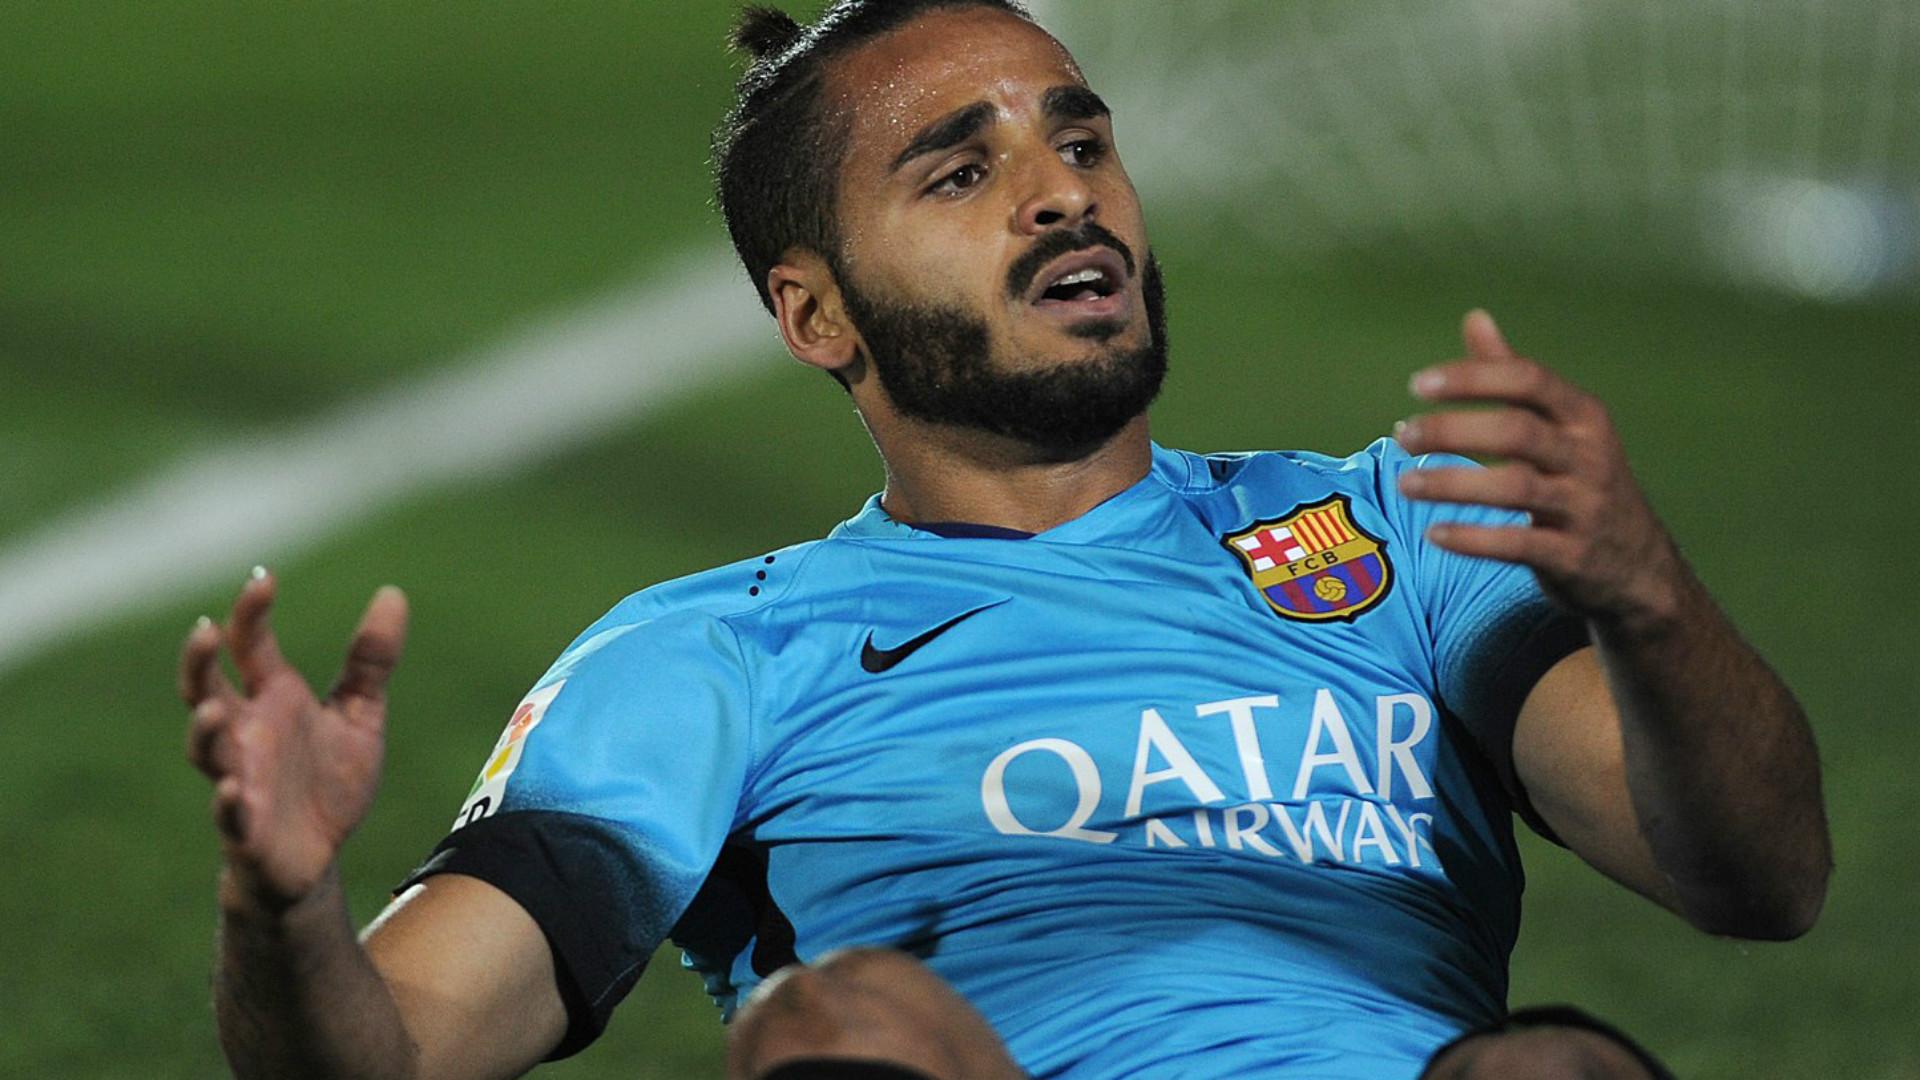 Douglas leaves Barcelona on loan for Benfica